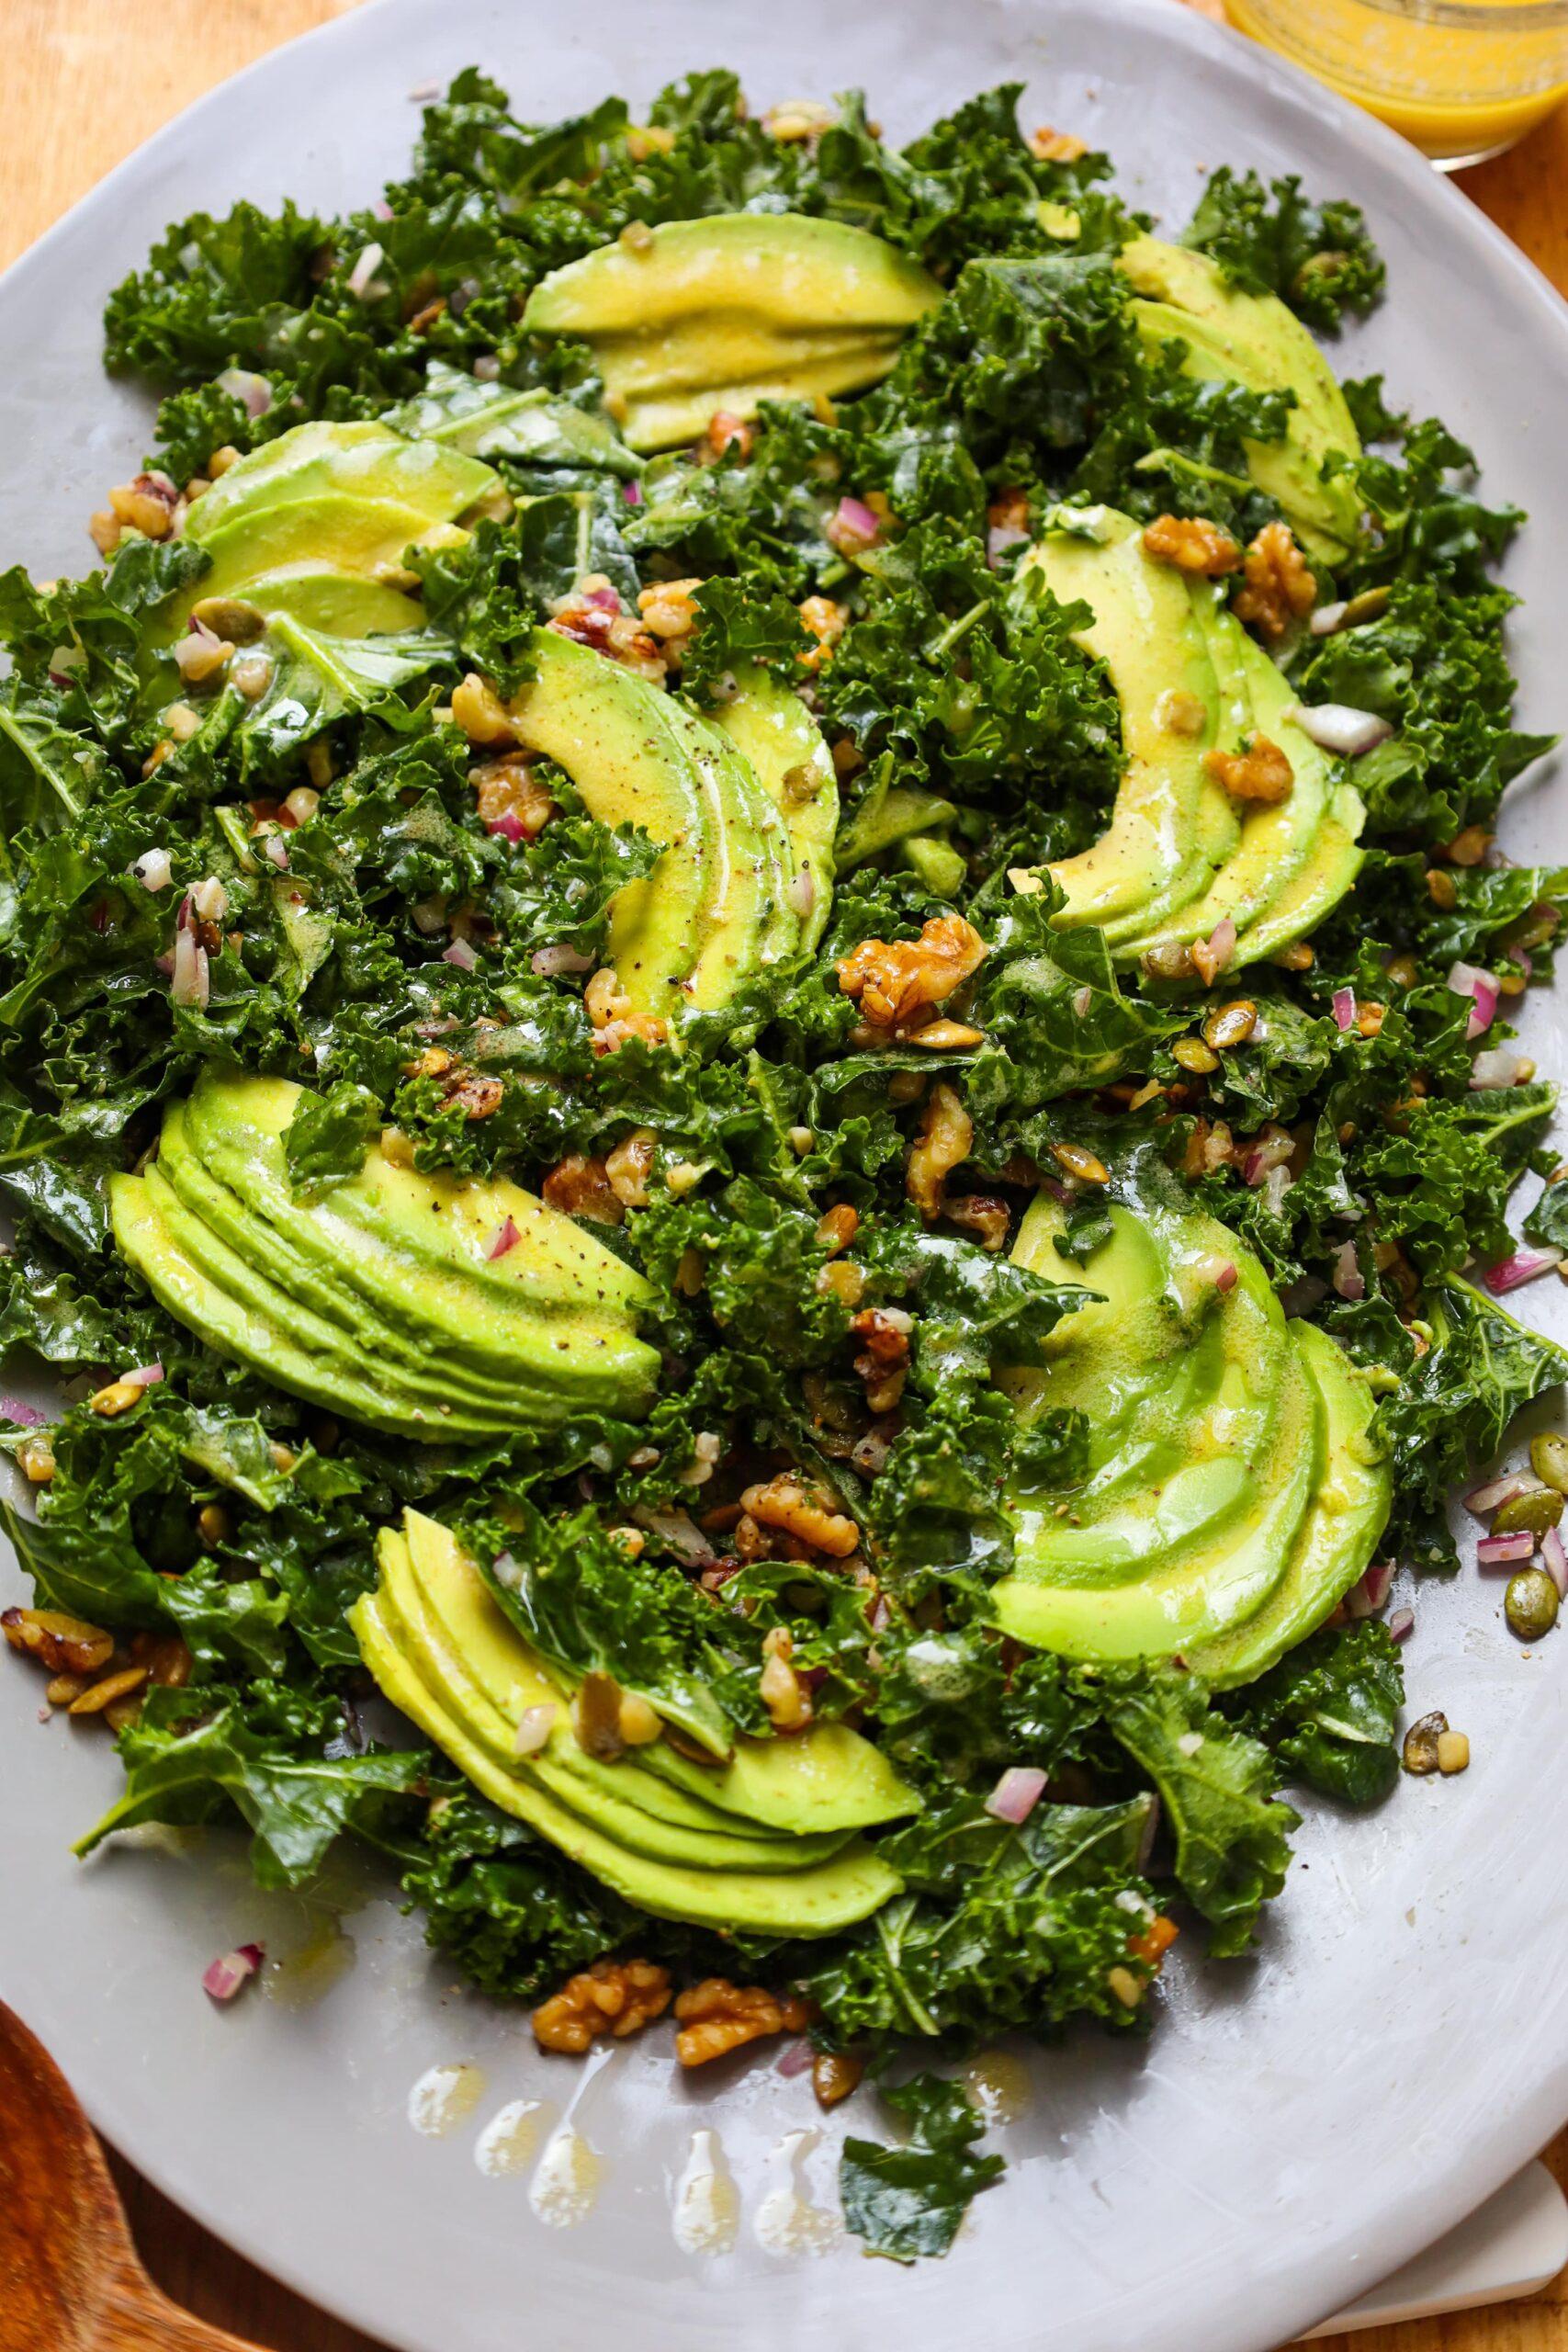 kale salad with walnuts, pumpkin seeds avocado and dijon vinaigrette